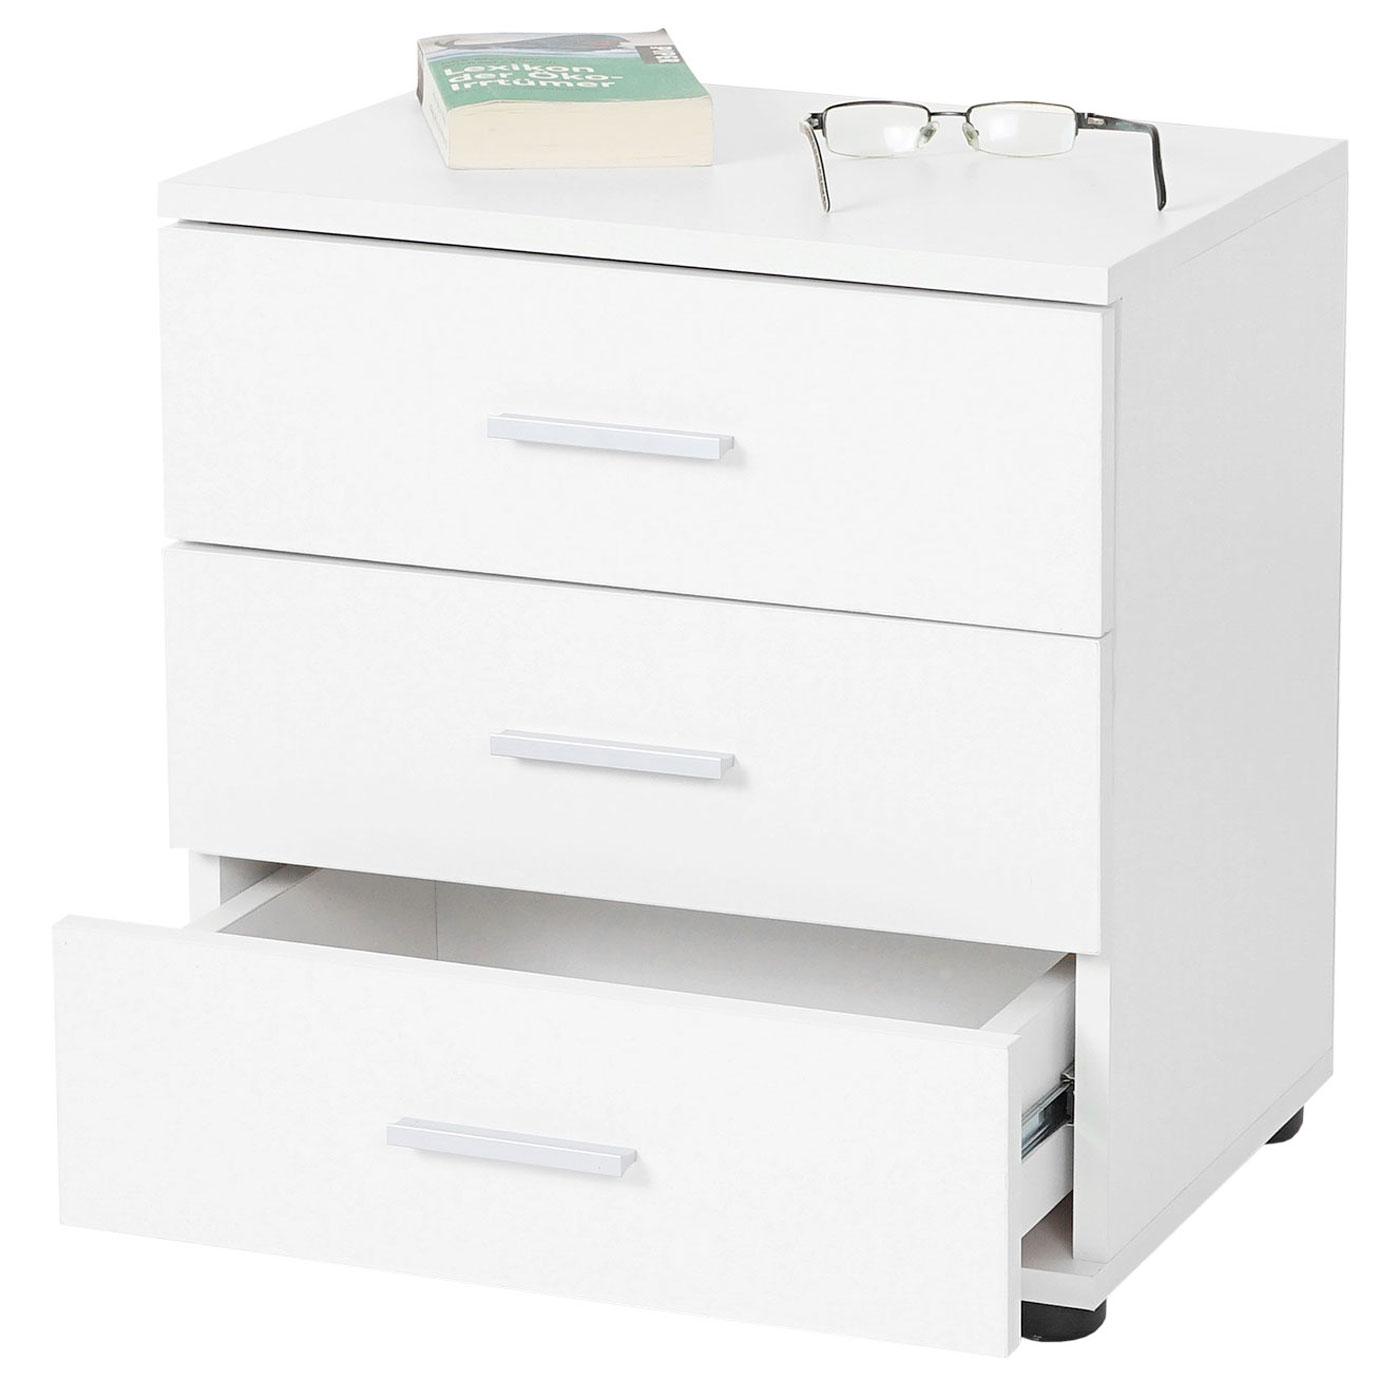 kommode pavia nachtschrank nachttisch 3 schubladen 50x45x34cm wei. Black Bedroom Furniture Sets. Home Design Ideas